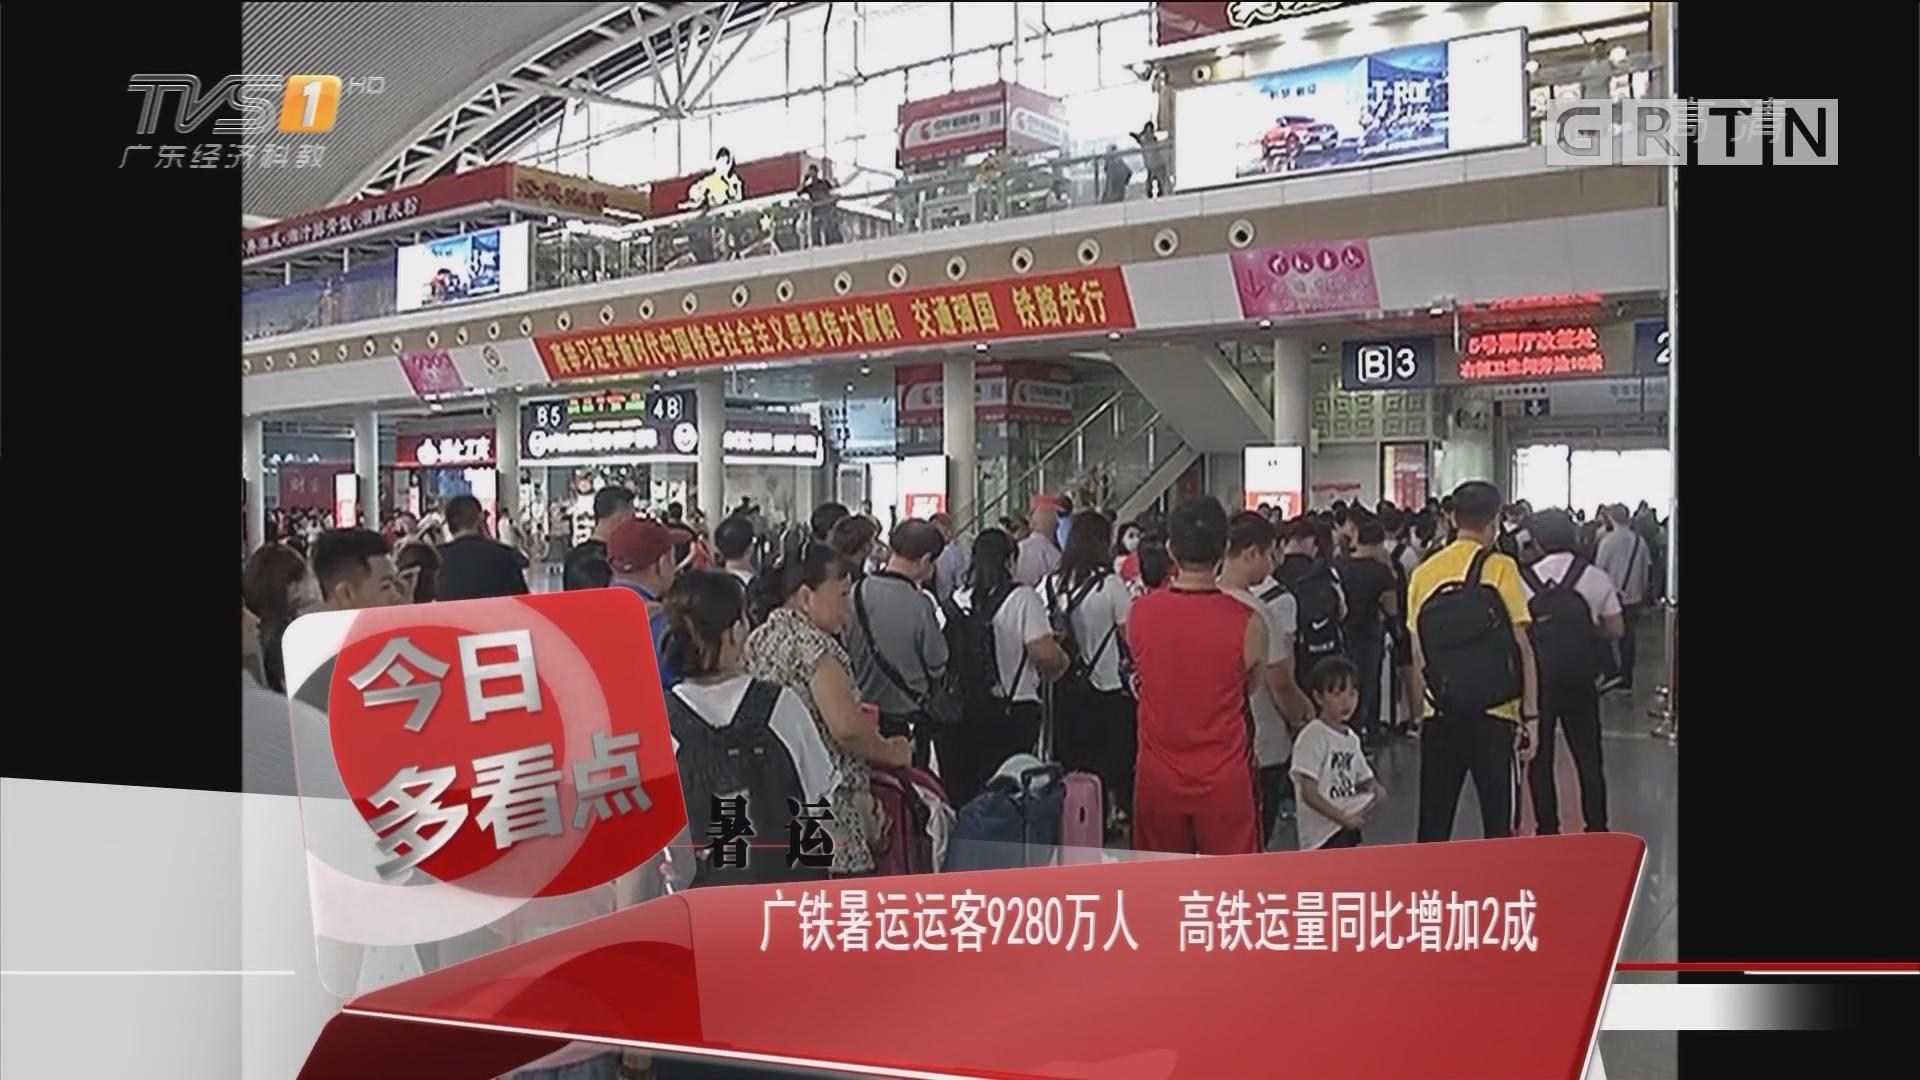 暑运:广铁暑运运客9280万人 高铁运量同比增加2成